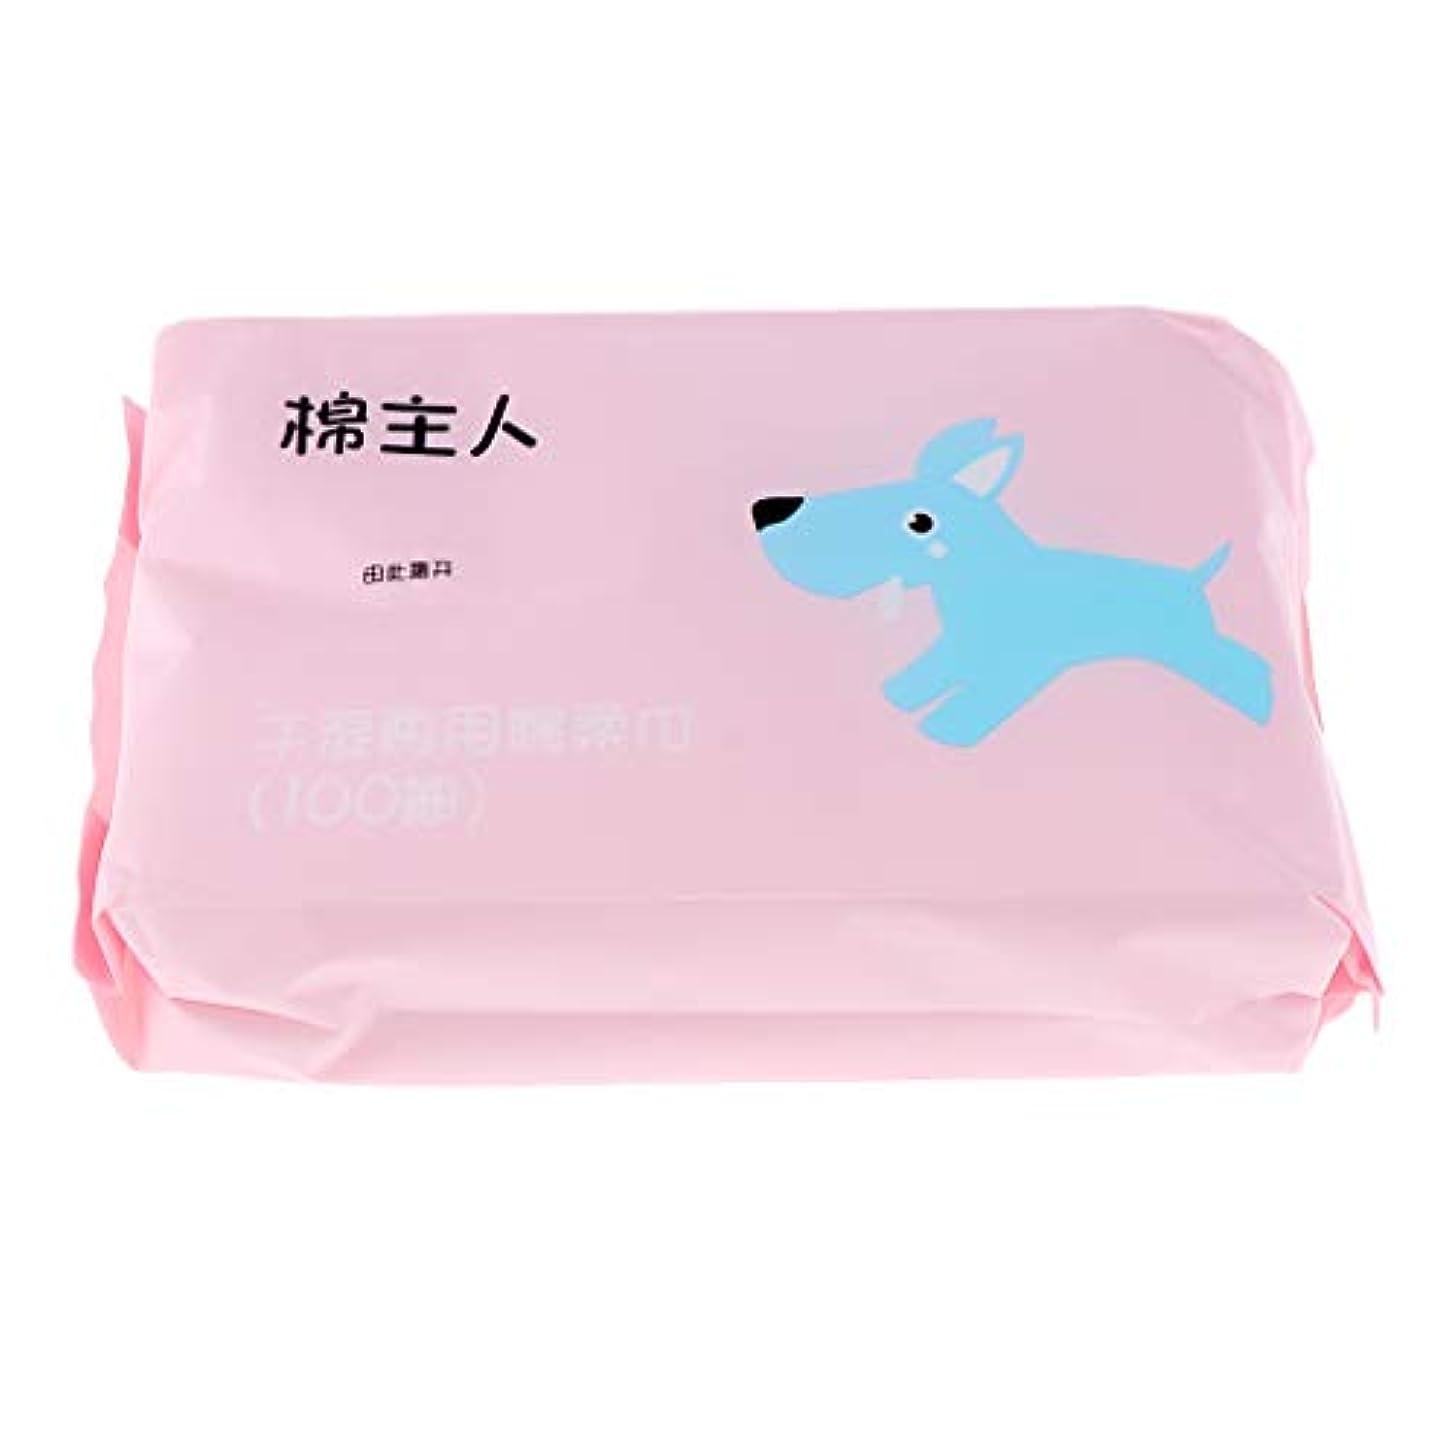 設計図チロ運動クレンジングシート メイク落とし 軽量 便利 敏感肌用 非刺激 不織布 フェイスタオル 約100枚 - ピンク